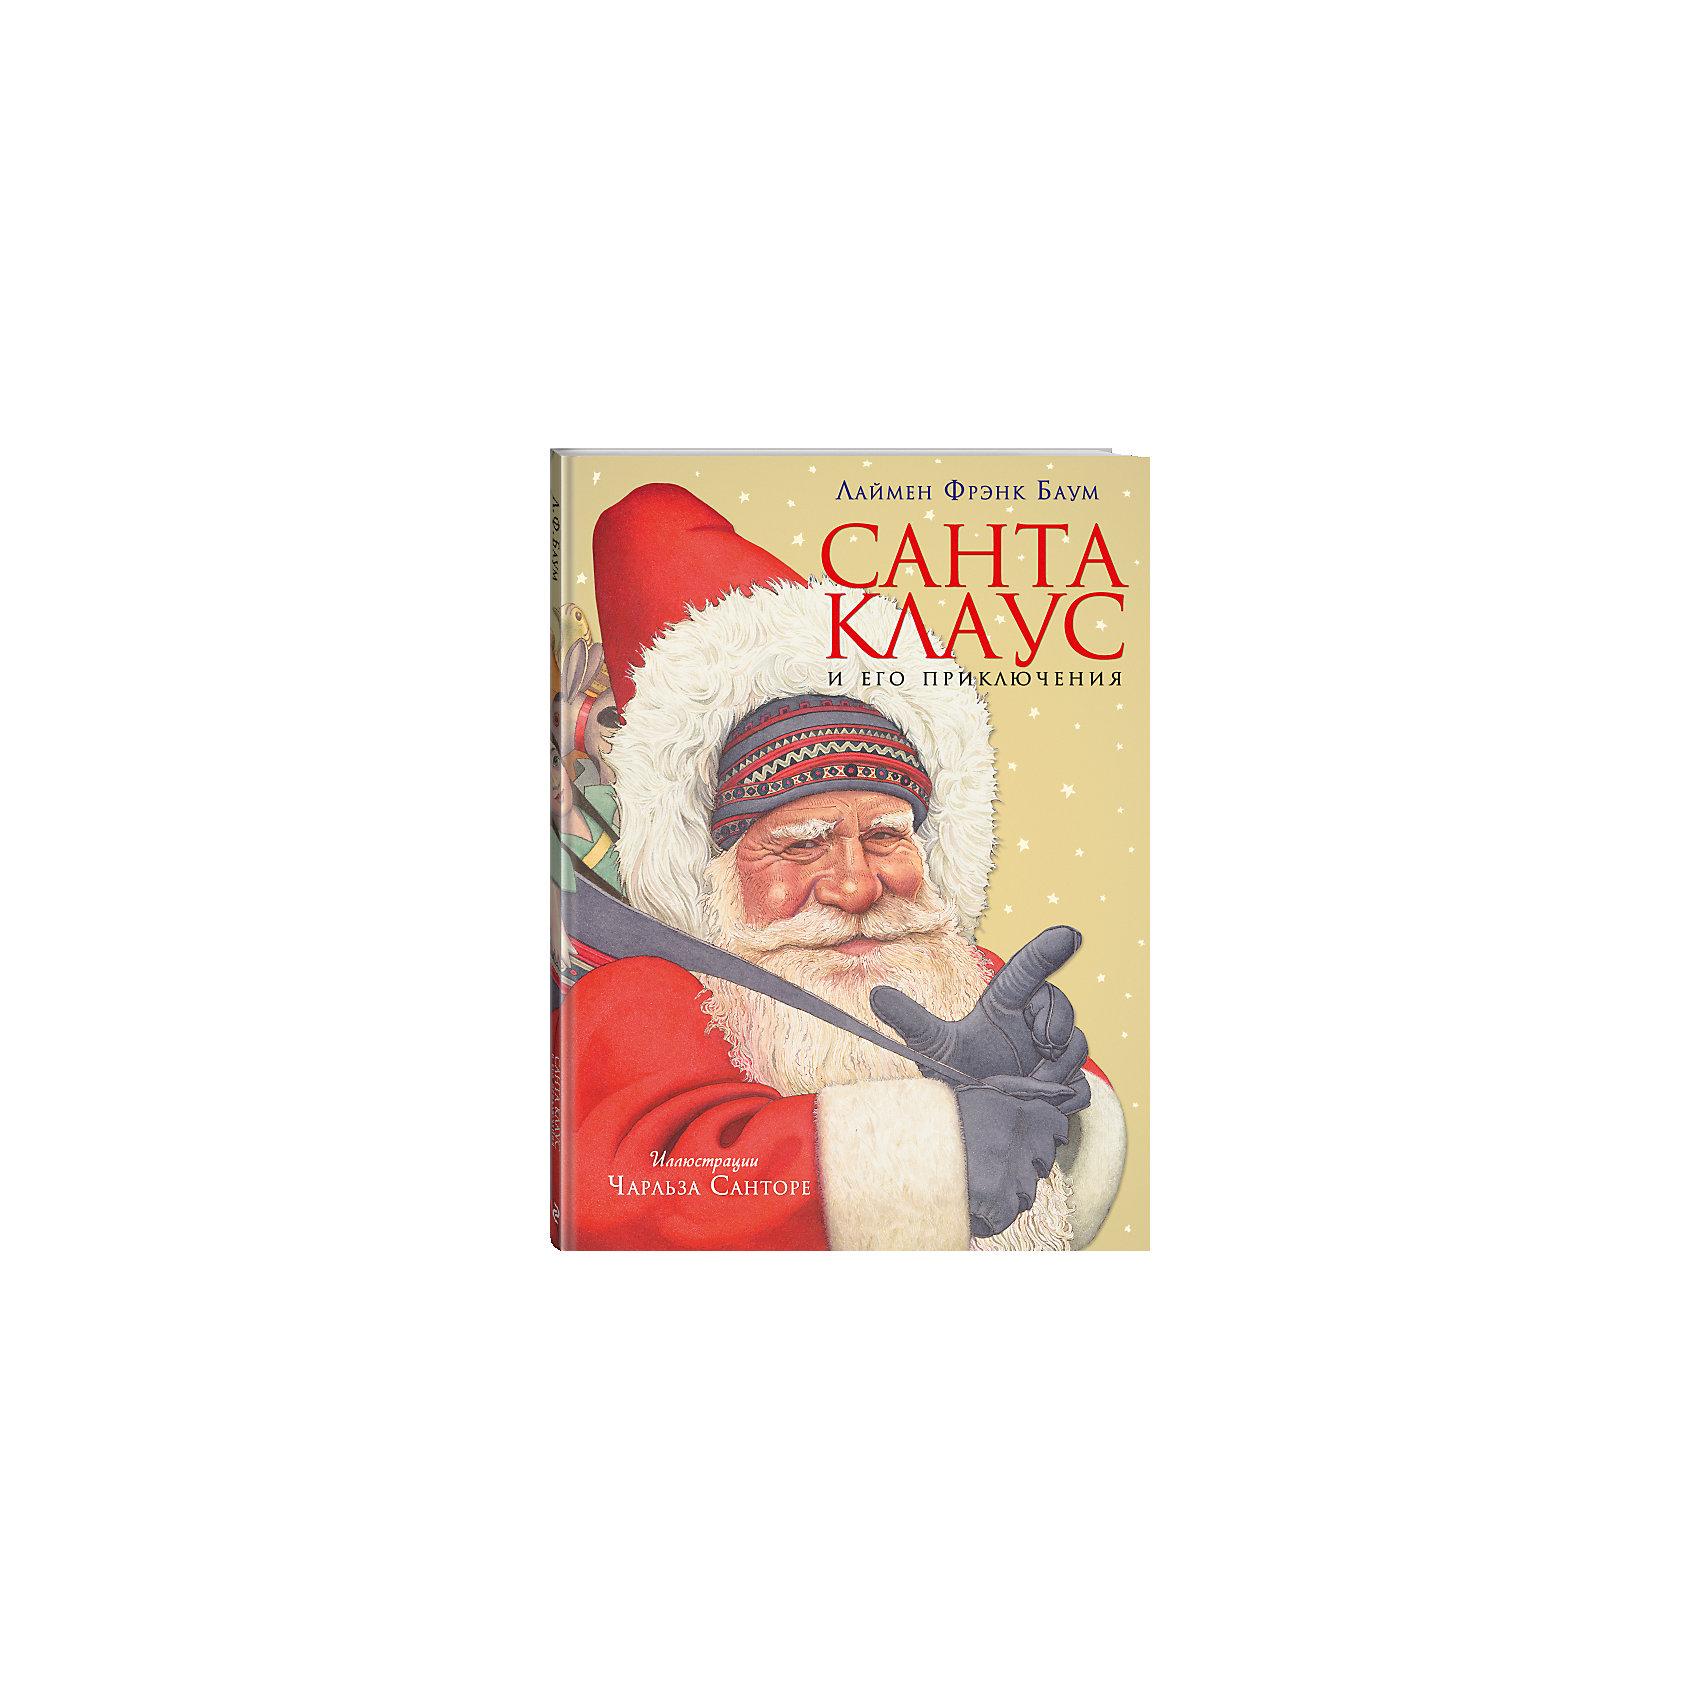 Санта Клаус и его приключения, Л.Ф.БаумНовогодние книги<br>Санта Клаус и его приключения, Л.Ф.Баум – это сказочная история о жизни Санта Клауса с волнующими и захватывающими иллюстрациями.<br>У всех сказок есть начало, в том числе и у самой известной рождественской истории. О том, как появился на свет Санта Клаус, о его жизни в волшебном лесу, о добрых нимфах и злых  сказочных существах, о помощниках-оленях и об истоках традиции дарить детям подарки на Рождество, вы узнаете из этой книги. Книга великолепно иллюстрирована Чарльзом Санторе—одним из самых прекрасных американских художников, работающих с детской литературой. Для чтения взрослыми детям.<br><br>Дополнительная информация:<br><br>- Автор: Баум Лаймен Фрэнк<br>- Художник: Санторе Чарльз<br>- Переводчик: Селиверстова Динара<br>- Издательство: Эксмо, 2015 г.<br>- Серия: Золотые сказки для детей<br>- Тип обложки: 7Б - твердая (плотная бумага или картон)<br>- Оформление: частичная лакировка<br>- Иллюстрации: цветные<br>- Количество страниц: 56 (мелованная)<br>- Размер: 333x248x12 мм.<br>- Вес: 658 гр.<br><br>Книгу Санта Клаус и его приключения, Л.Ф.Баум можно купить в нашем интернет-магазине.<br><br>Ширина мм: 333<br>Глубина мм: 248<br>Высота мм: 12<br>Вес г: 660<br>Возраст от месяцев: 72<br>Возраст до месяцев: 144<br>Пол: Унисекс<br>Возраст: Детский<br>SKU: 4355913